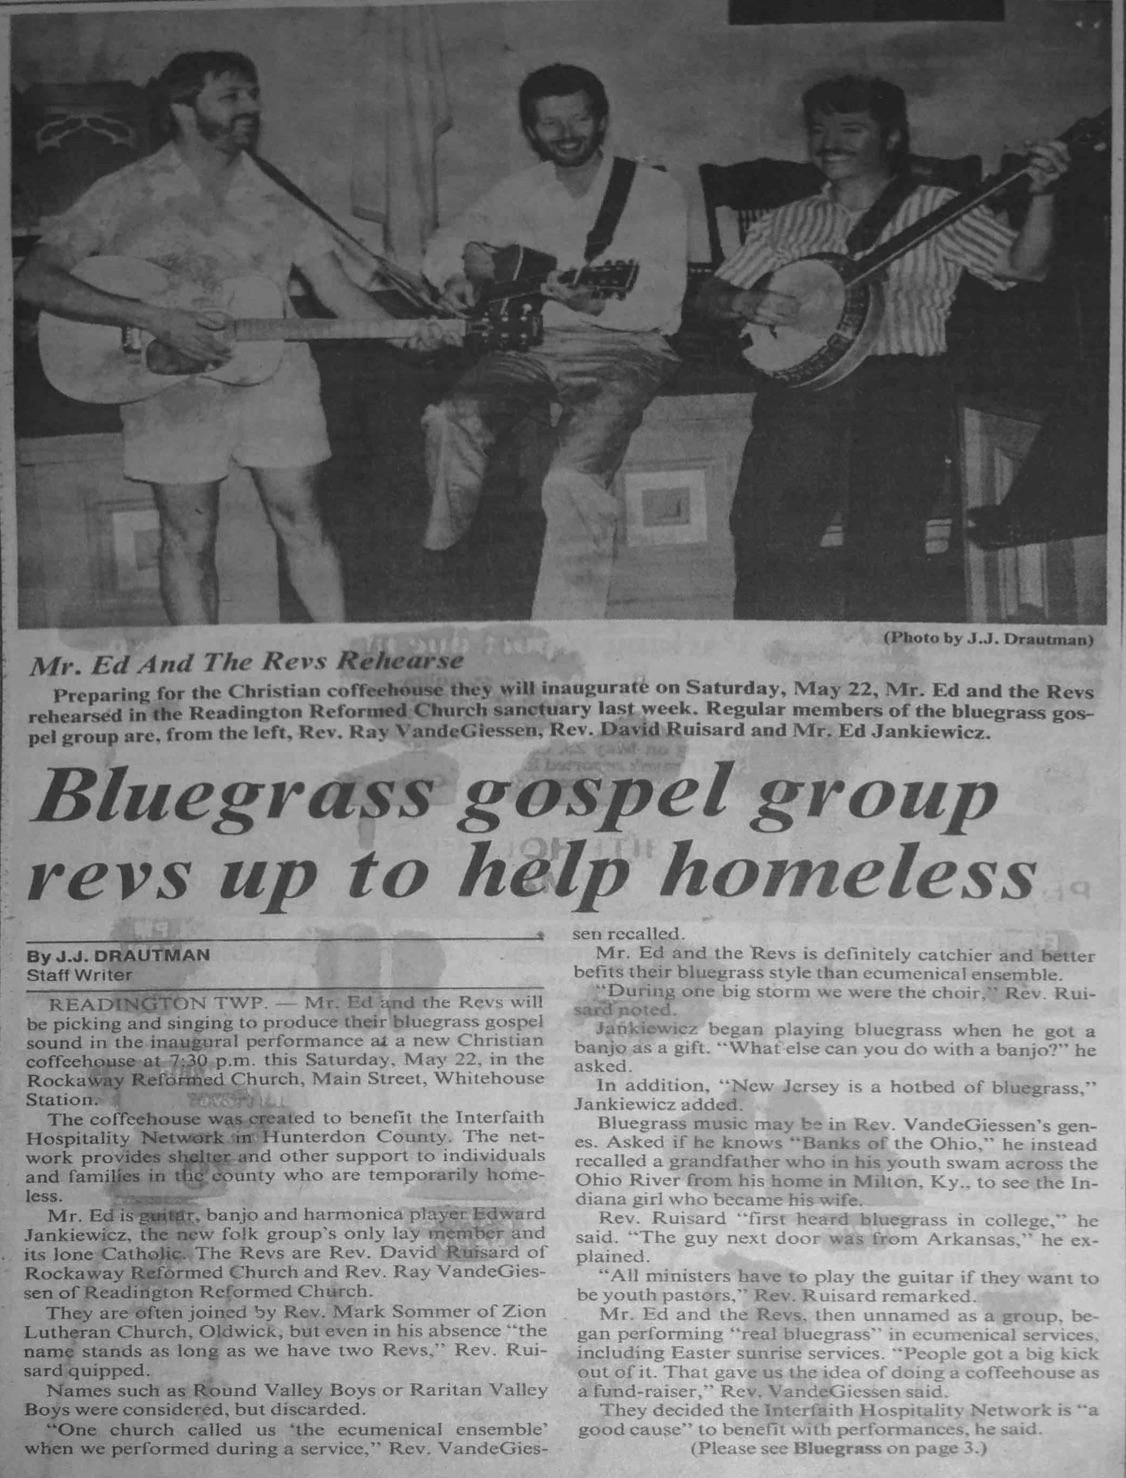 Hunterdon Review, May 19, 1993